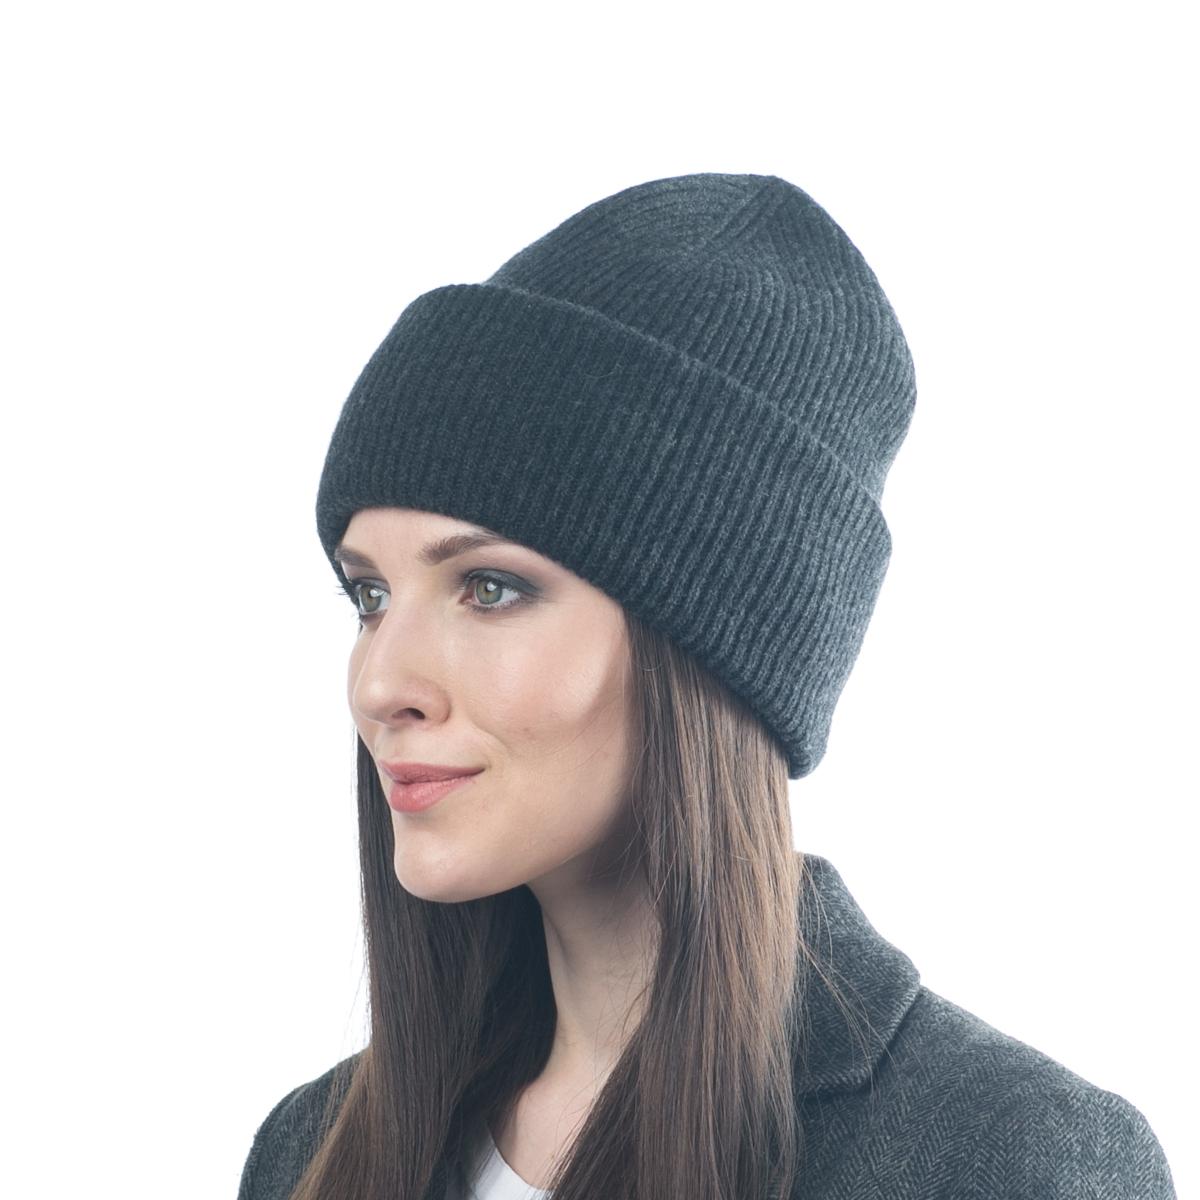 Шапка женская Flioraj, цвет: темно-серый. 08FJ. Размер 56/5808FJДвойная шерстяная шапка-колпачок от Flioraj, выполненная из овечьей шерсти, альпаки и кашемира, поднимет настроение и отлично согреет в холодную погоду. Состав пряжи делает изделие мягким, теплым и комфортным. Такую шапочку можно носить с любым видом верхней одежды, достаточно только определиться с цветом.